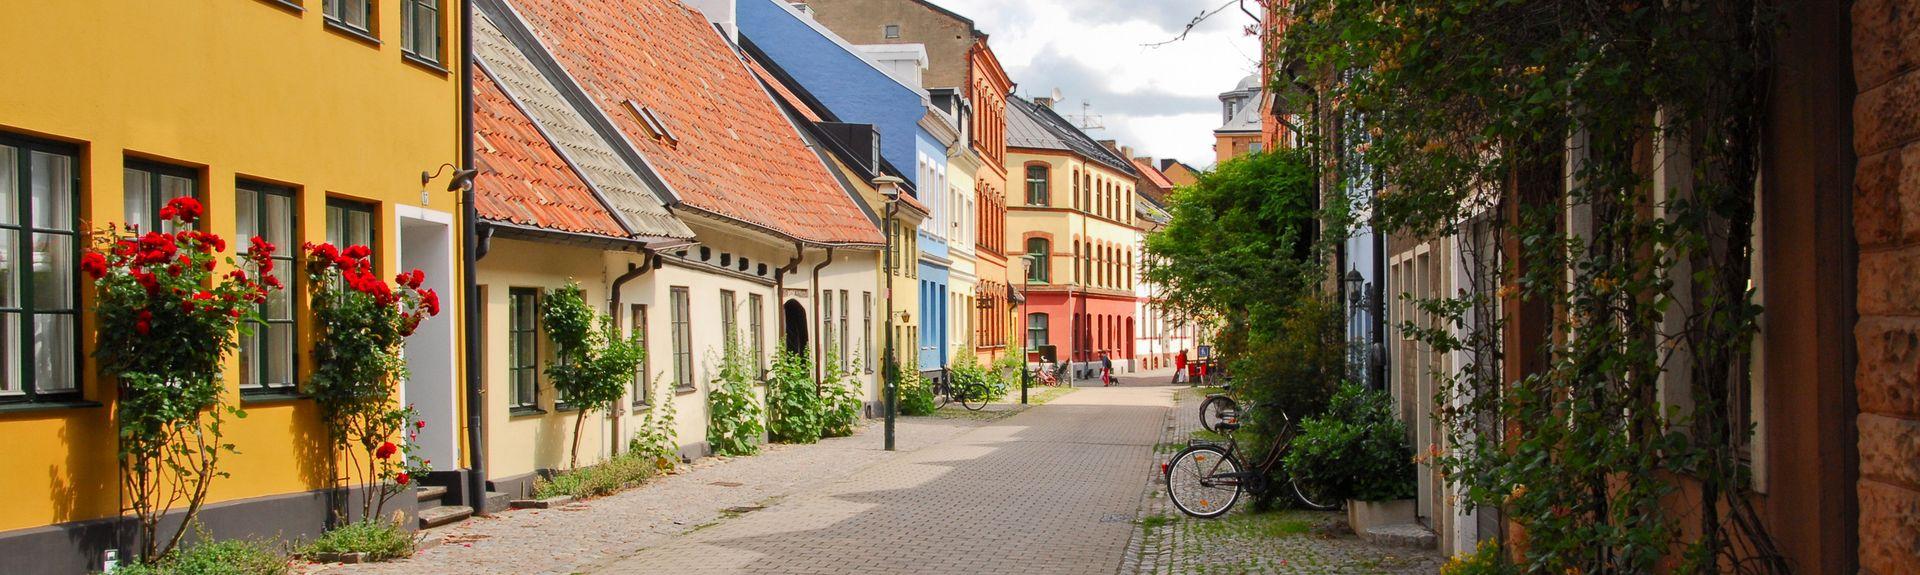 Malmö, Skåne län, Sverige